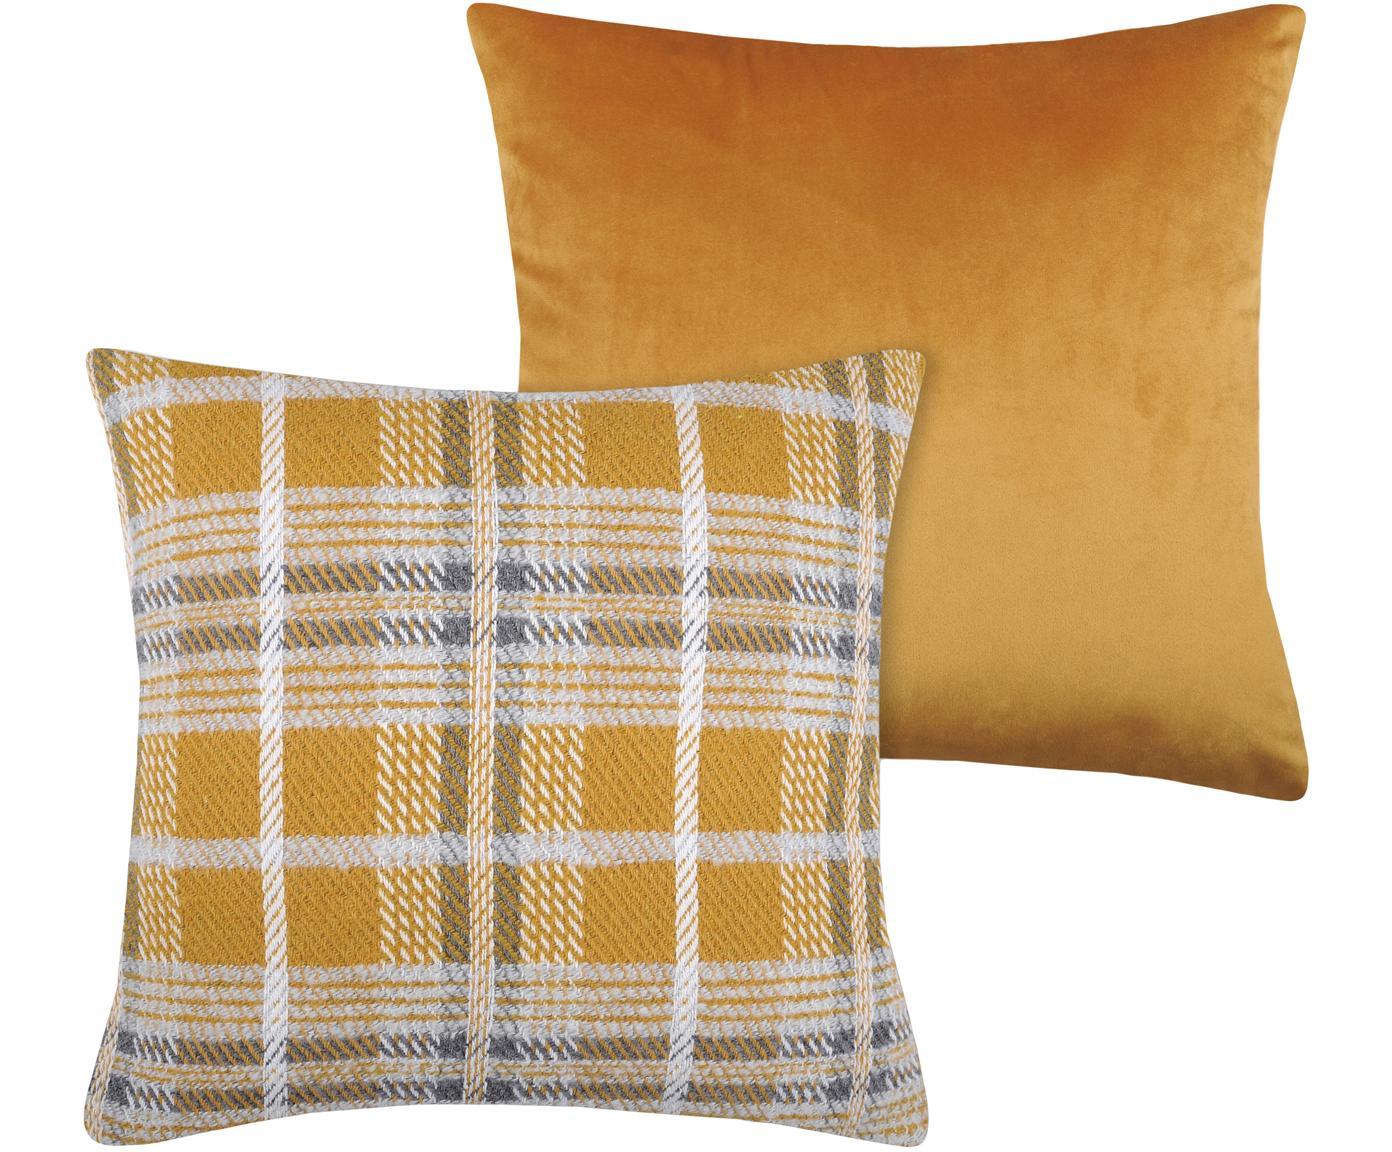 Polštář skárovaným vzorem Arnold, s výplní, Hořčičná žlutá, bílá, šedá